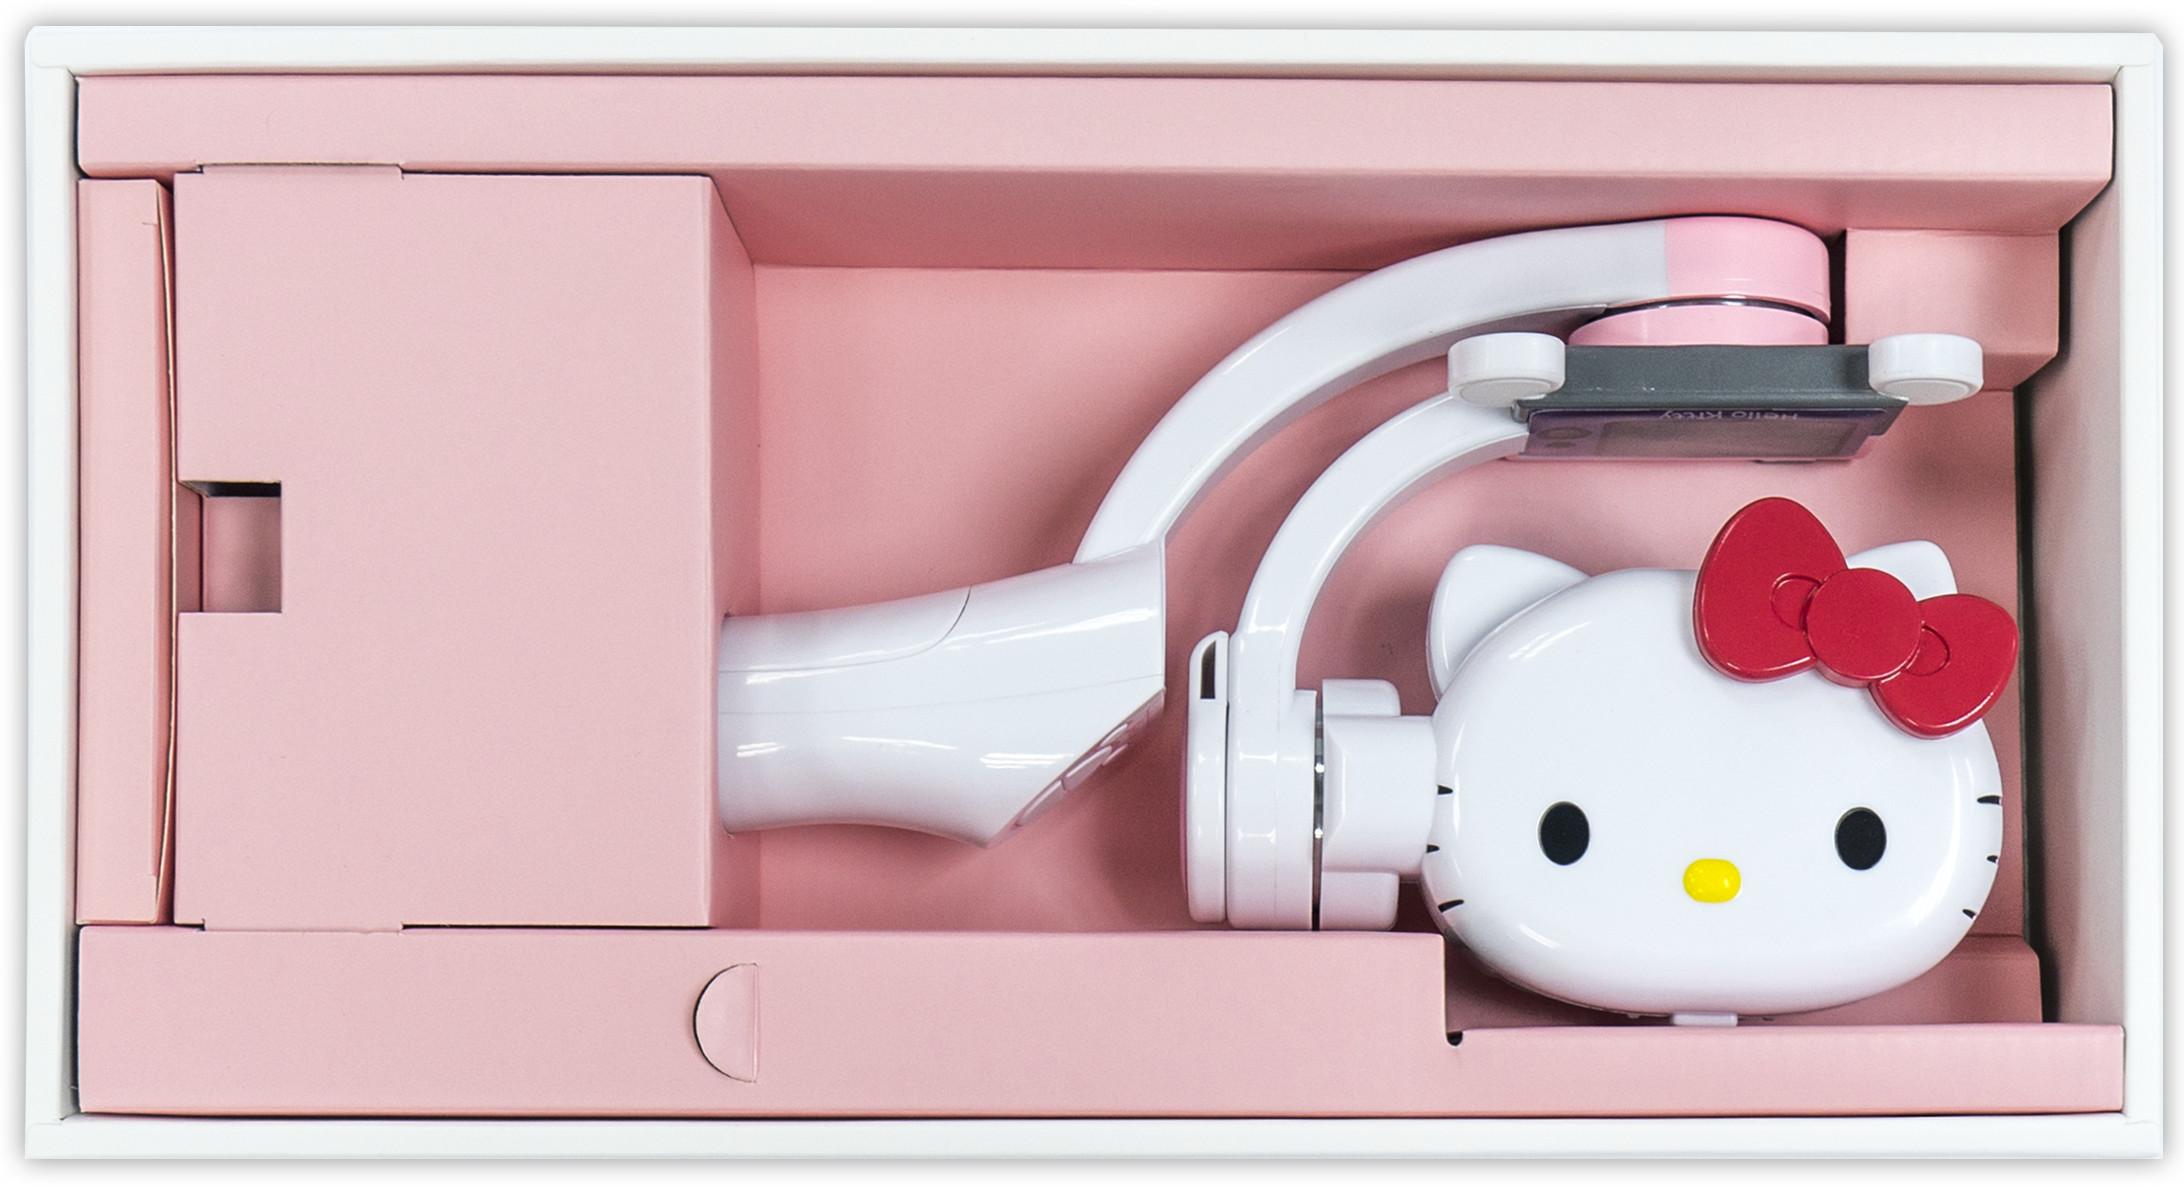 อุปกรณ์กันสั่นสำหรับมือถือ SwiftCam Hello Kitty Stabilizer Gimbal